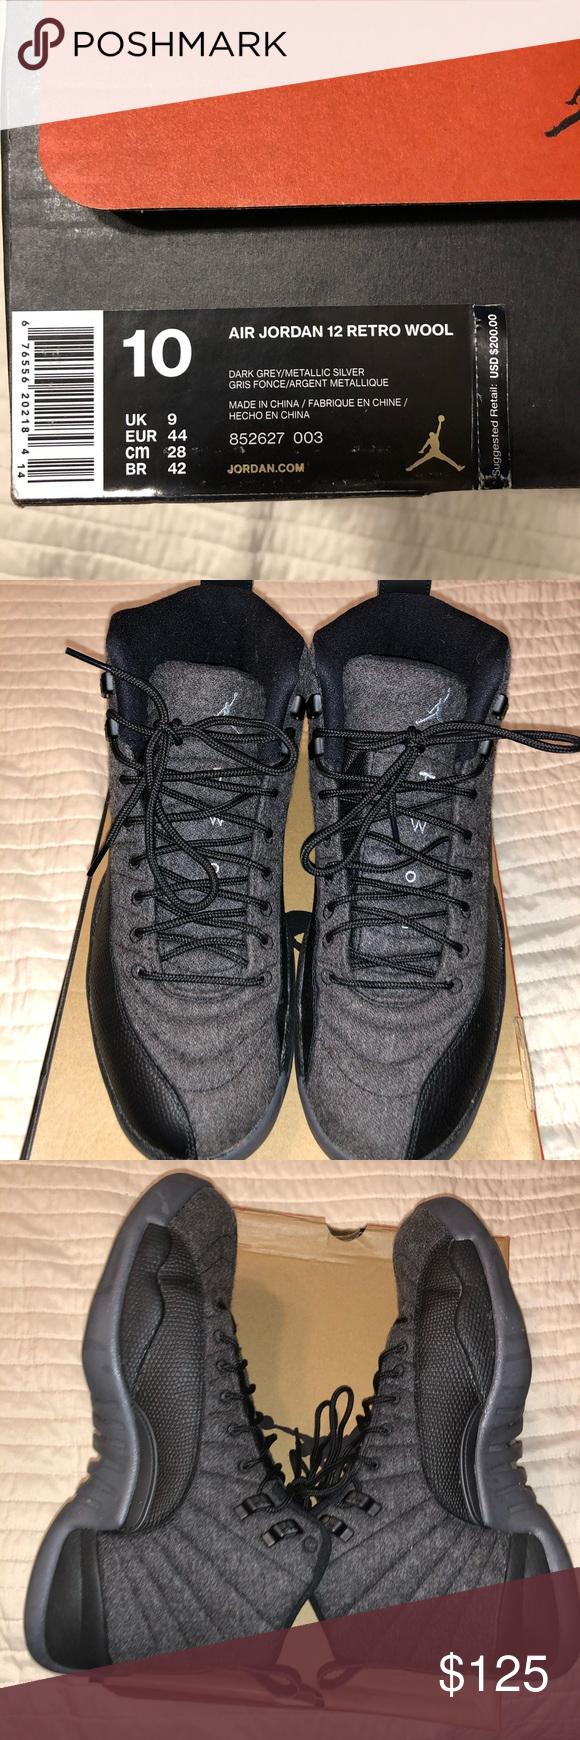 Air Jordan 12's Retro Wool | Air